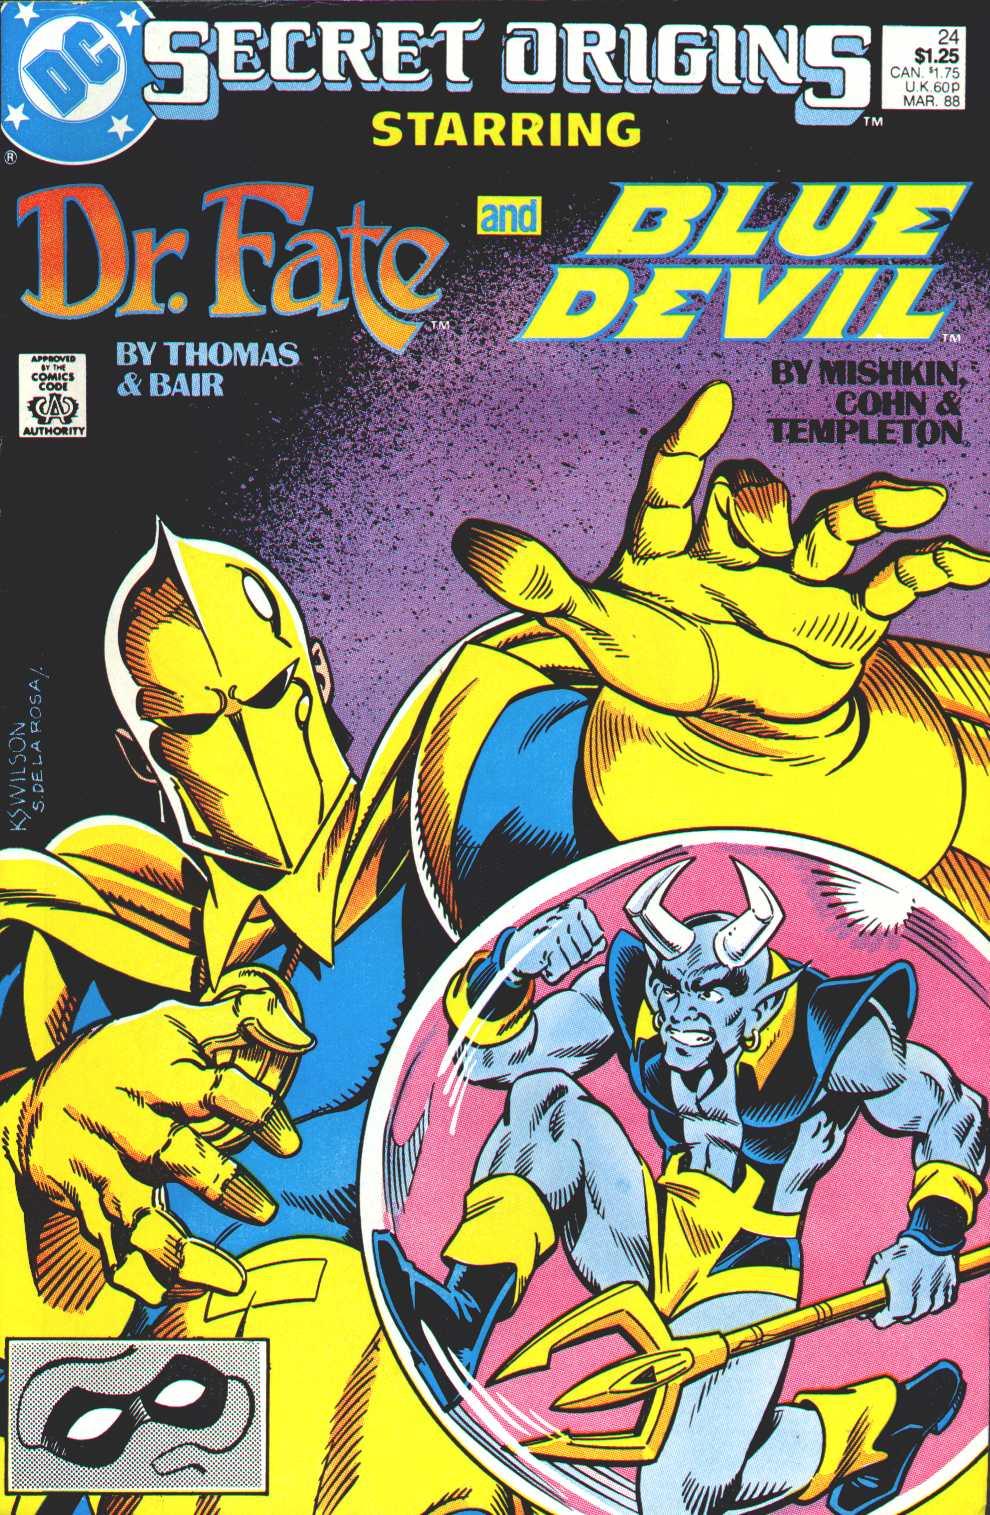 Read online Secret Origins (1986) comic -  Issue #24 - 1